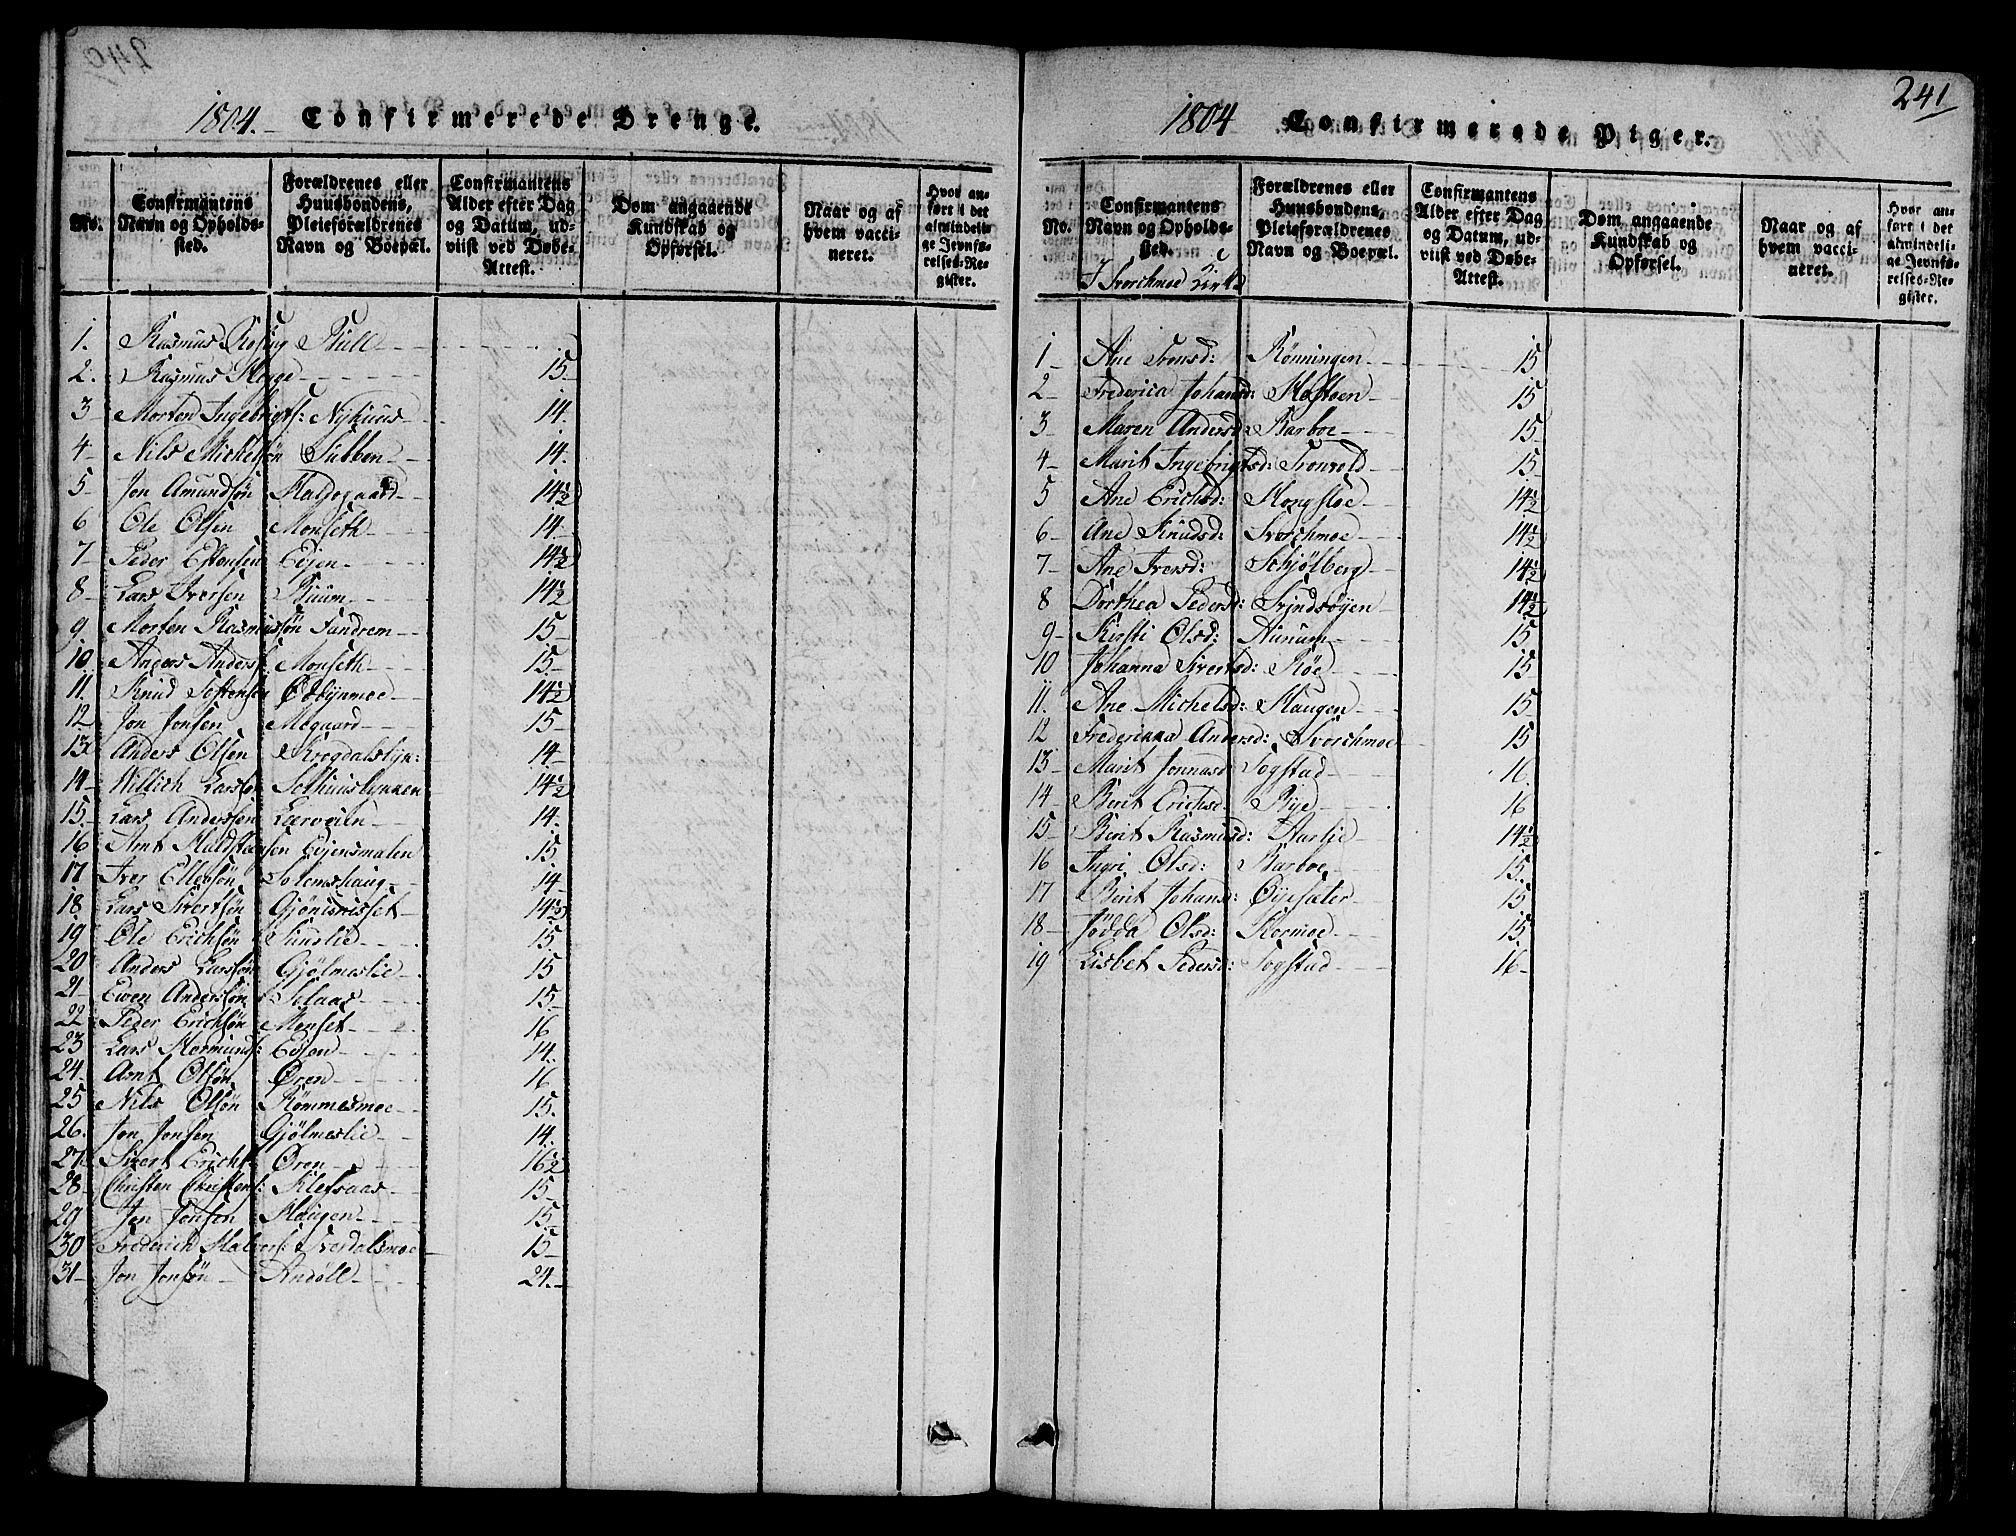 SAT, Ministerialprotokoller, klokkerbøker og fødselsregistre - Sør-Trøndelag, 668/L0803: Ministerialbok nr. 668A03, 1800-1826, s. 241